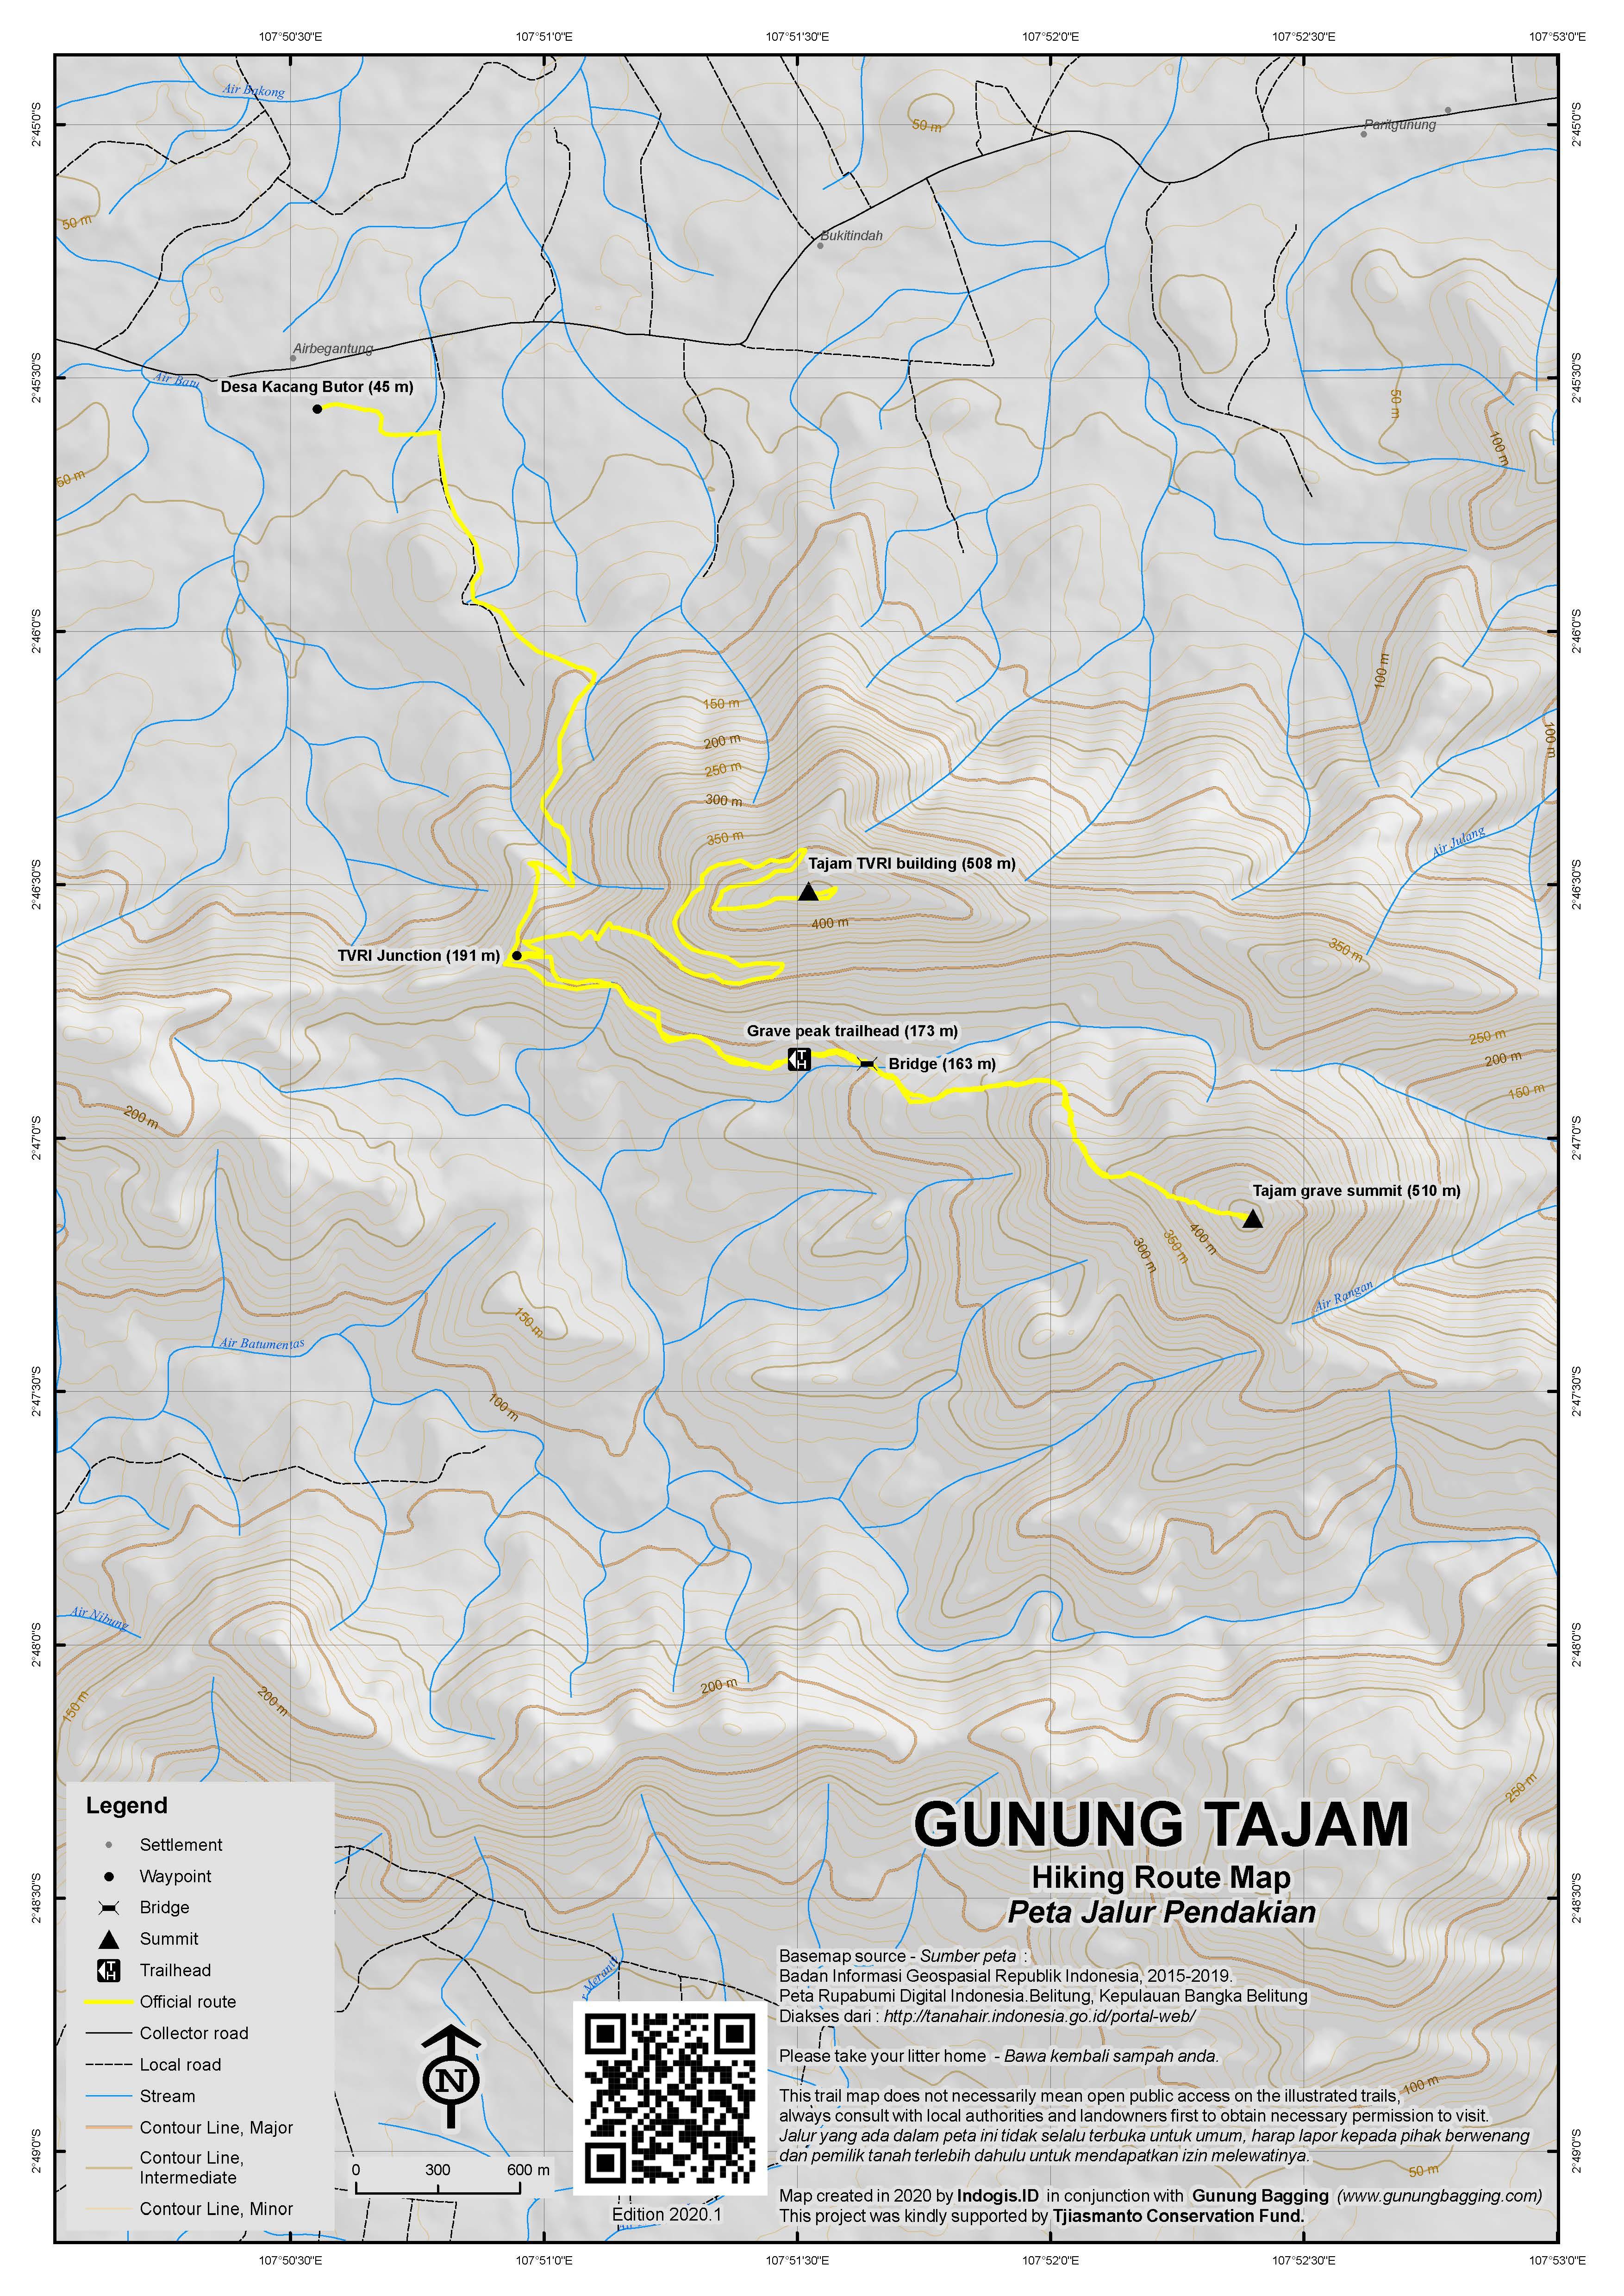 Peta Jalur Pendakian Gunung Tajam